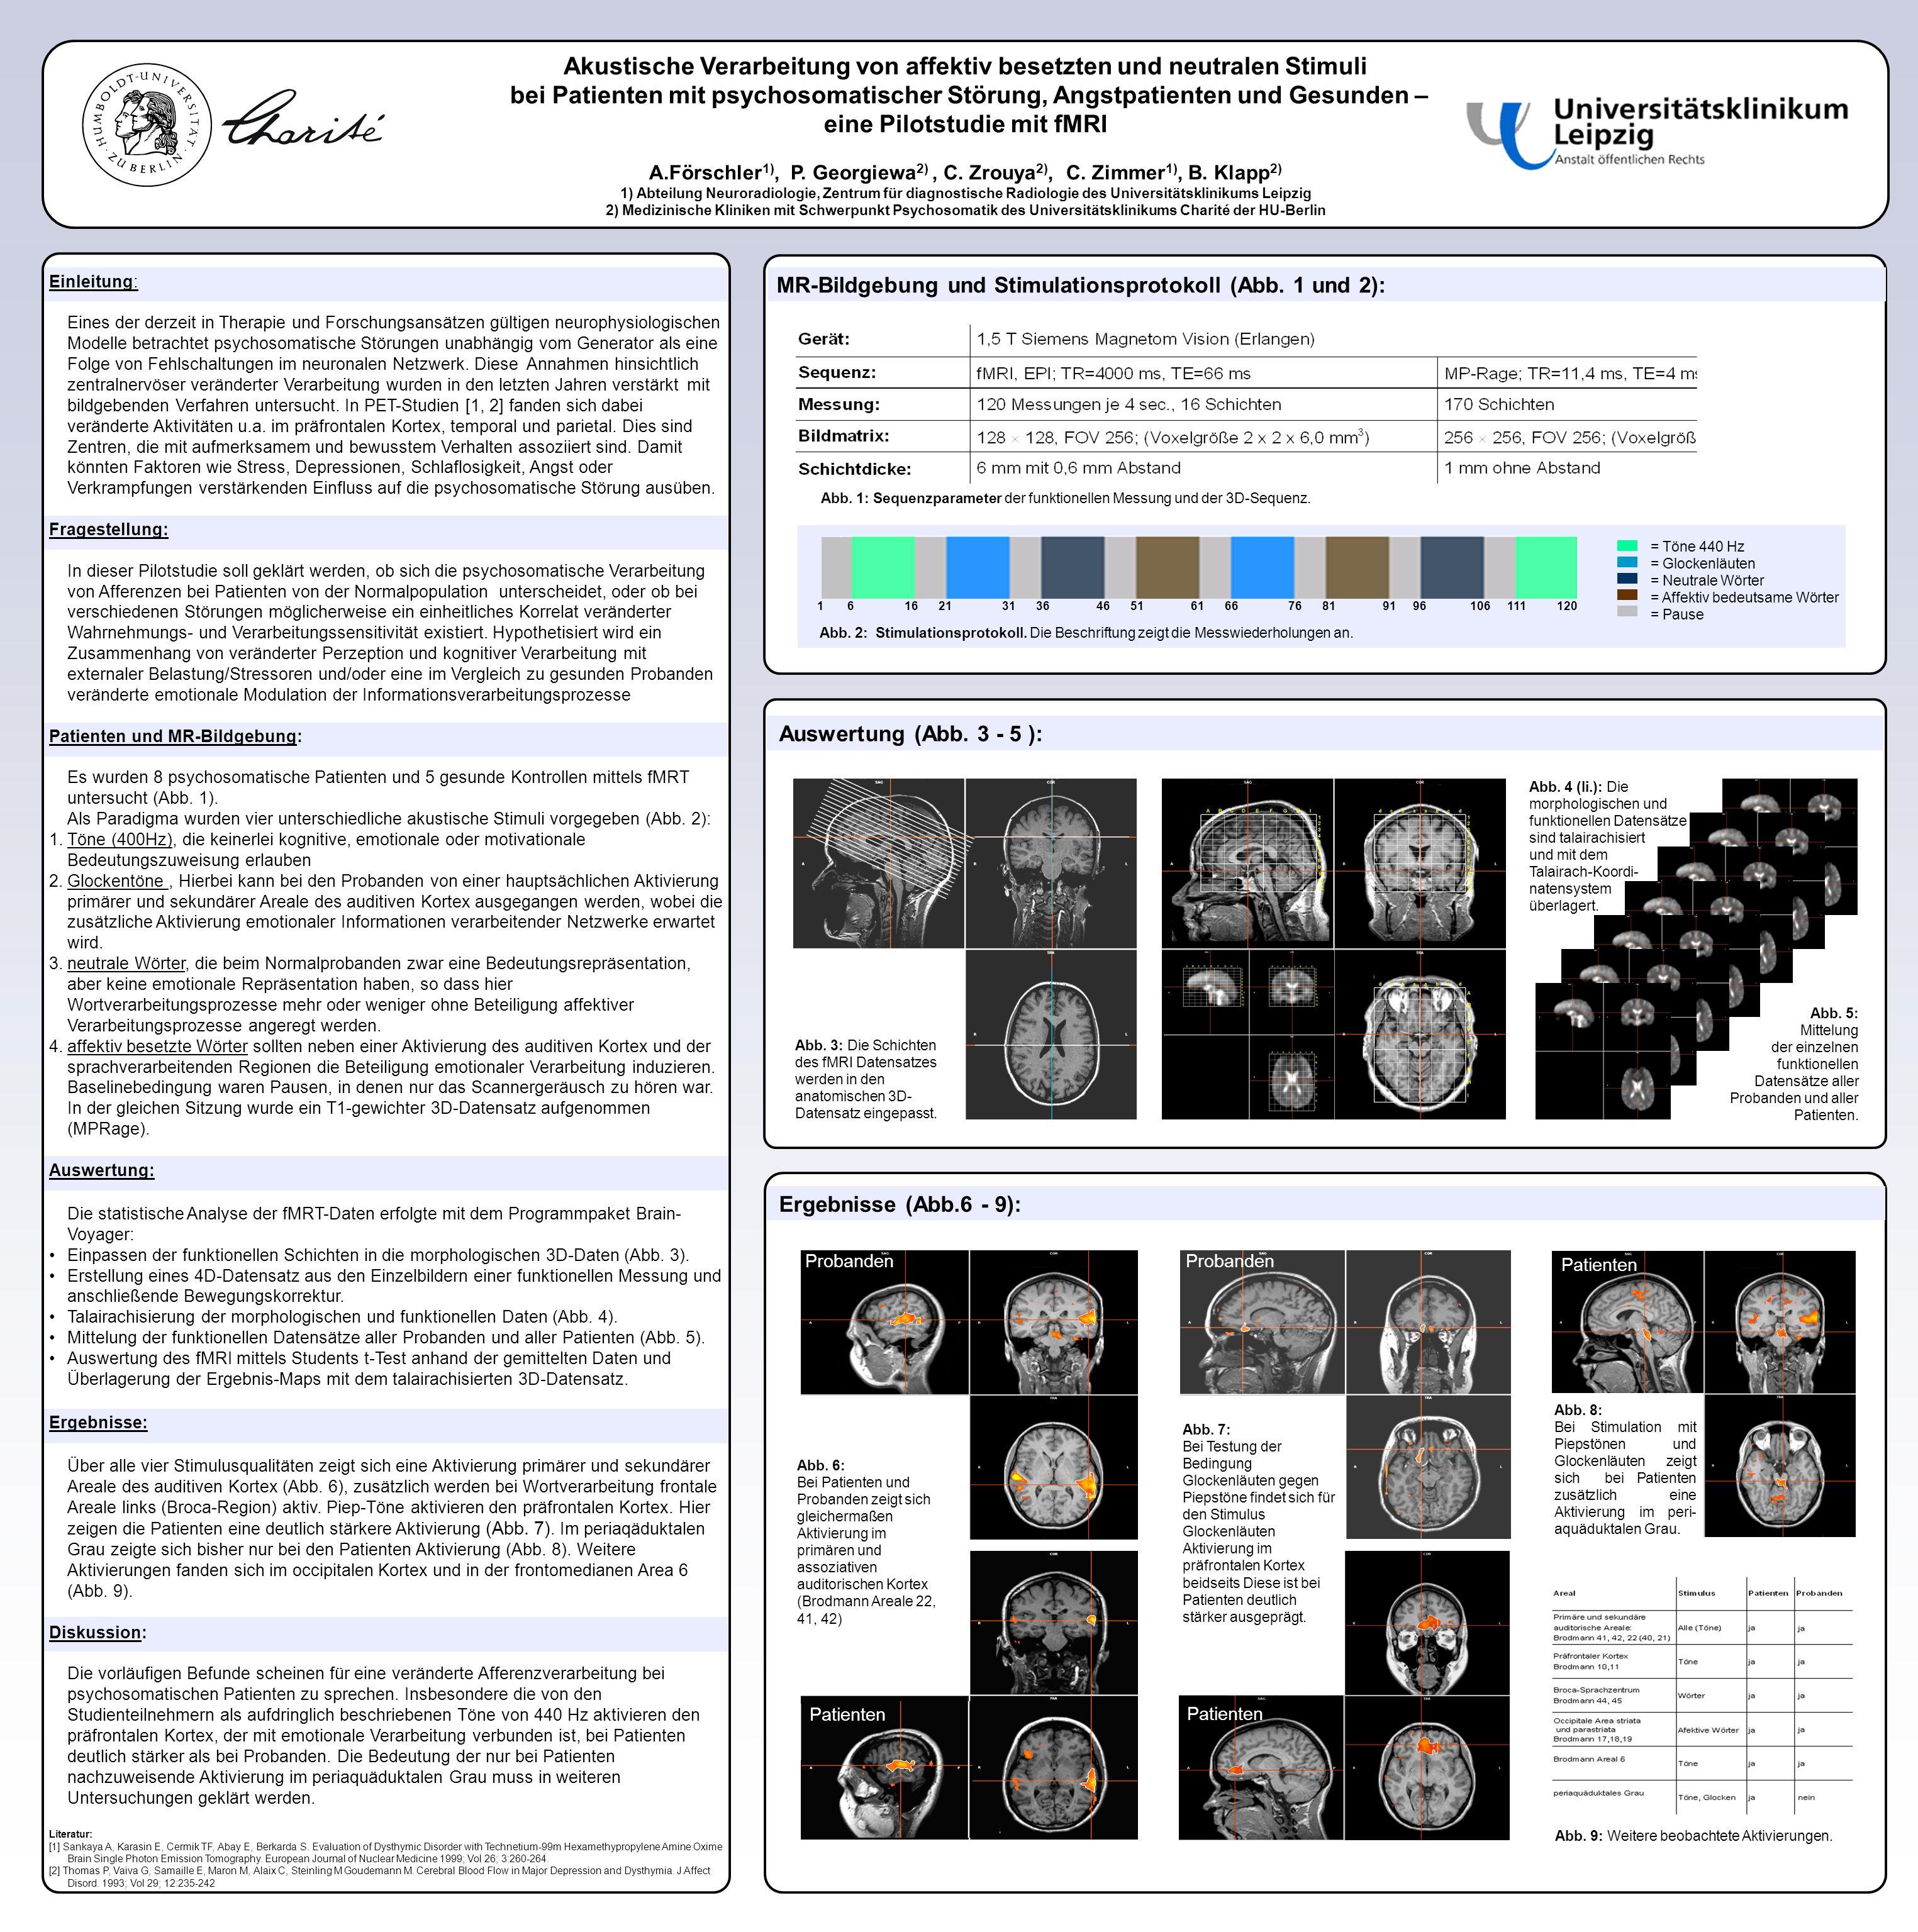 Akustische Verarbeitung von affektiv besetzten und neutralen Stimuli bei Patienten mit psychosomatischer Störung, Angstpatienten und Gesunden – eine P